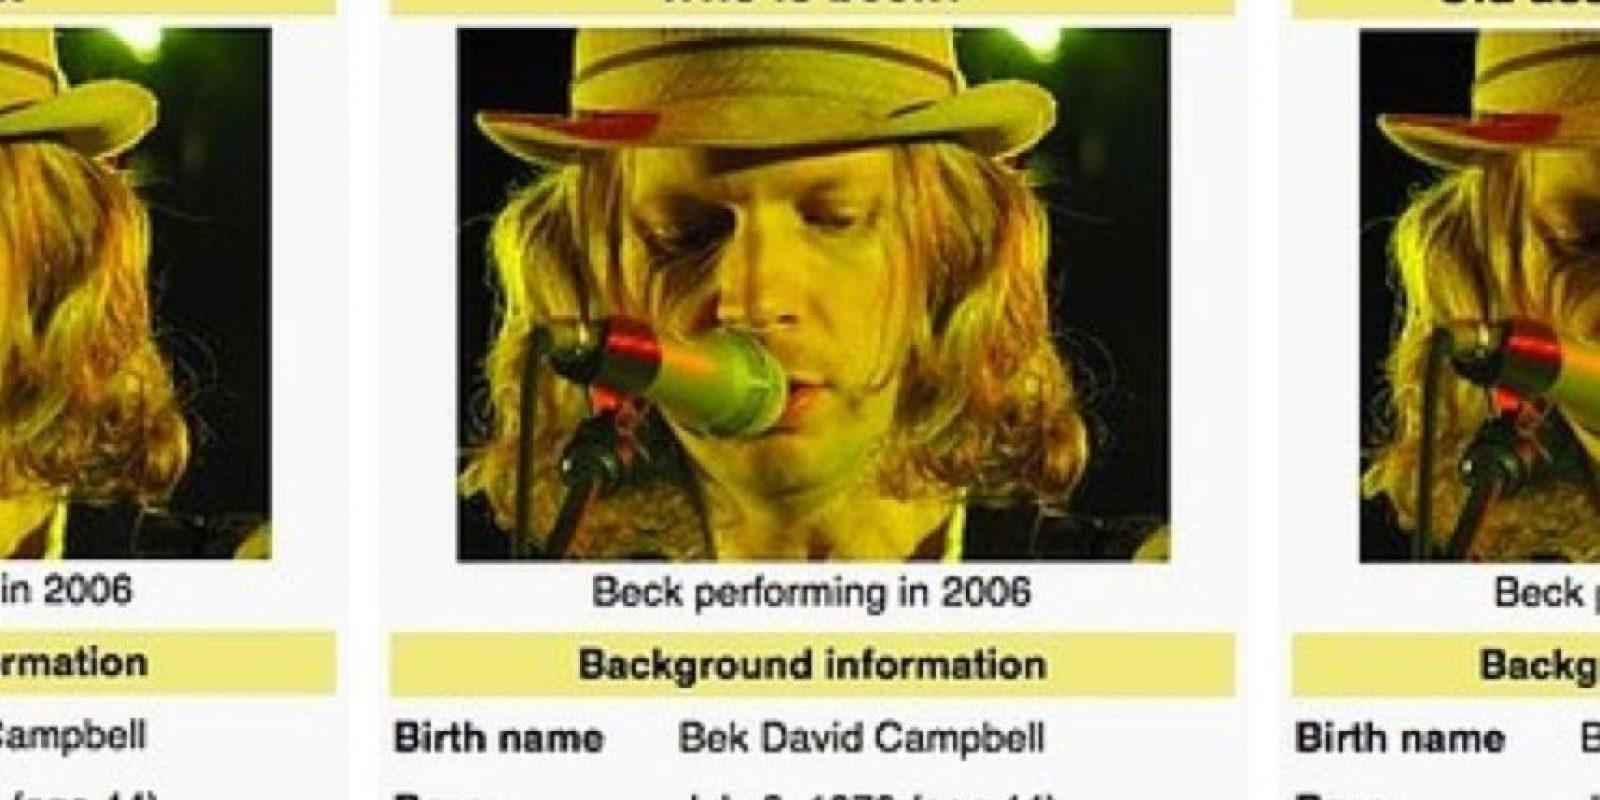 """Le dijeron a Beck """"Irrelevante"""", """"Viejo que Roba Grammys"""", """"¿Quién es Beck?"""" Foto:Wikipedia"""